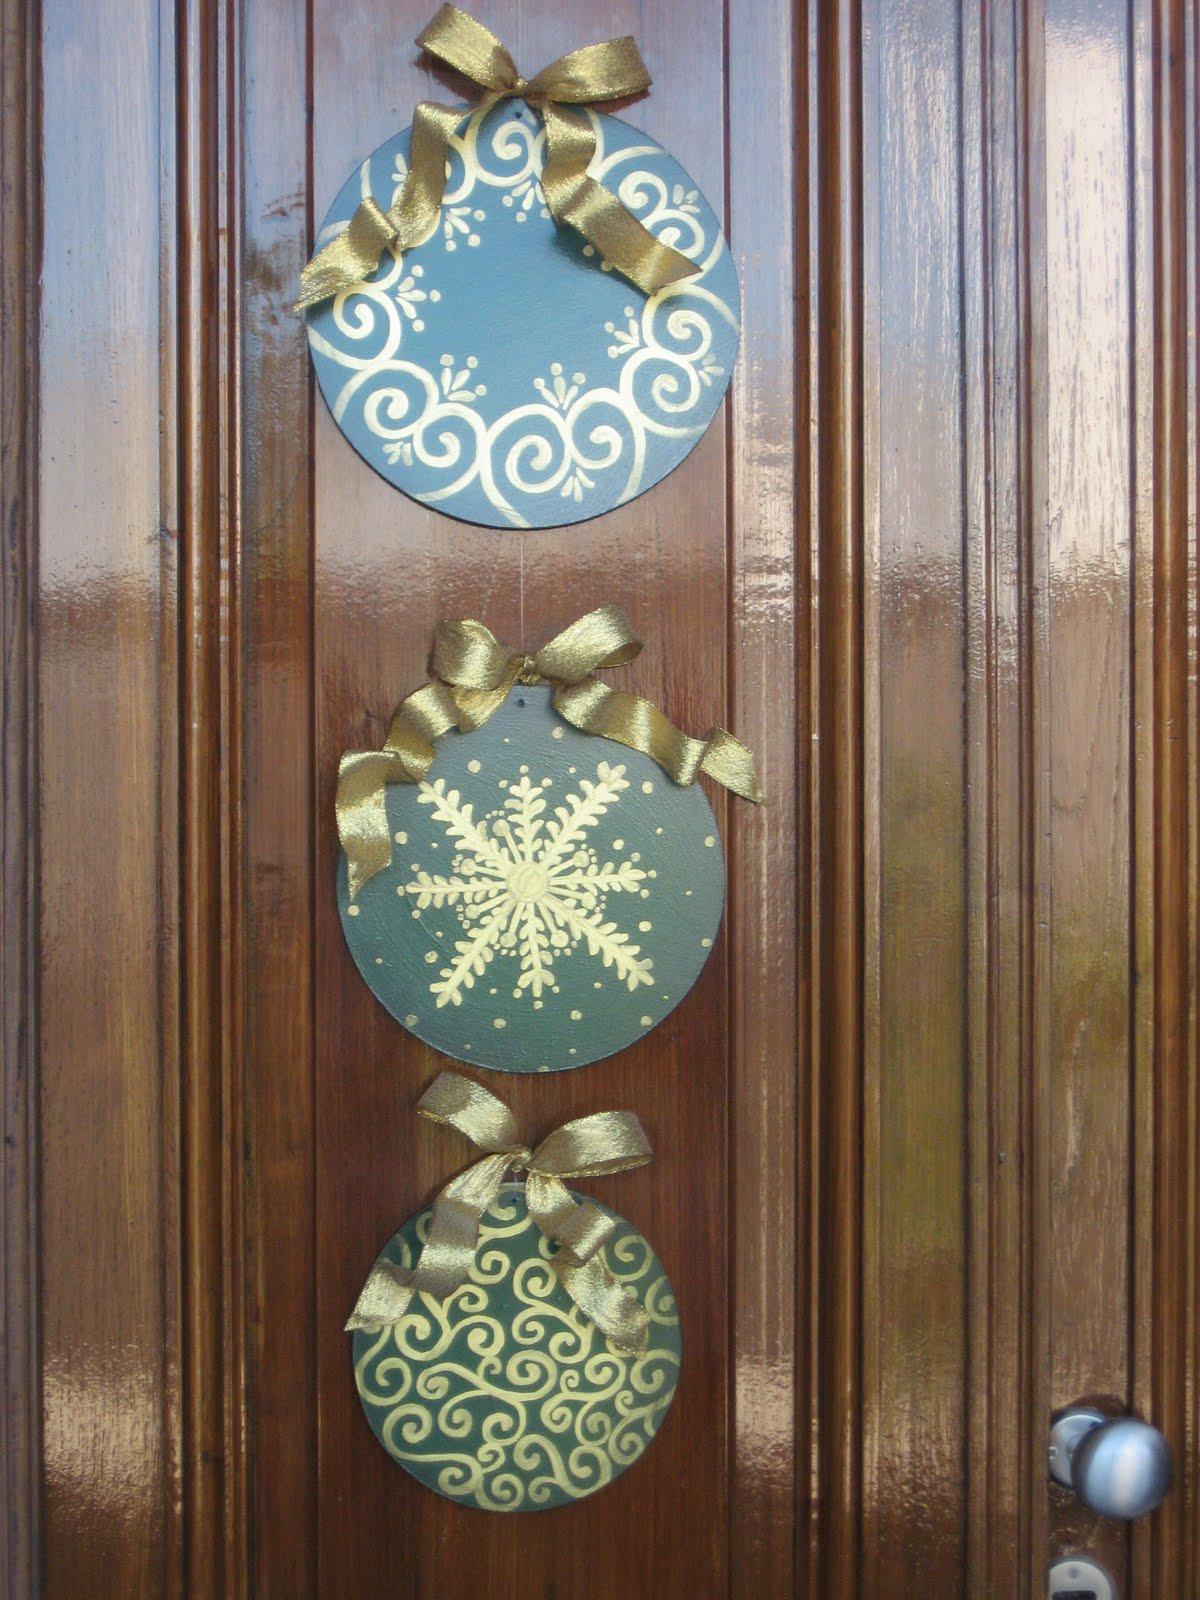 Alemendez adorno navidad p puertas ventanas - Adorno puerta navidad ...